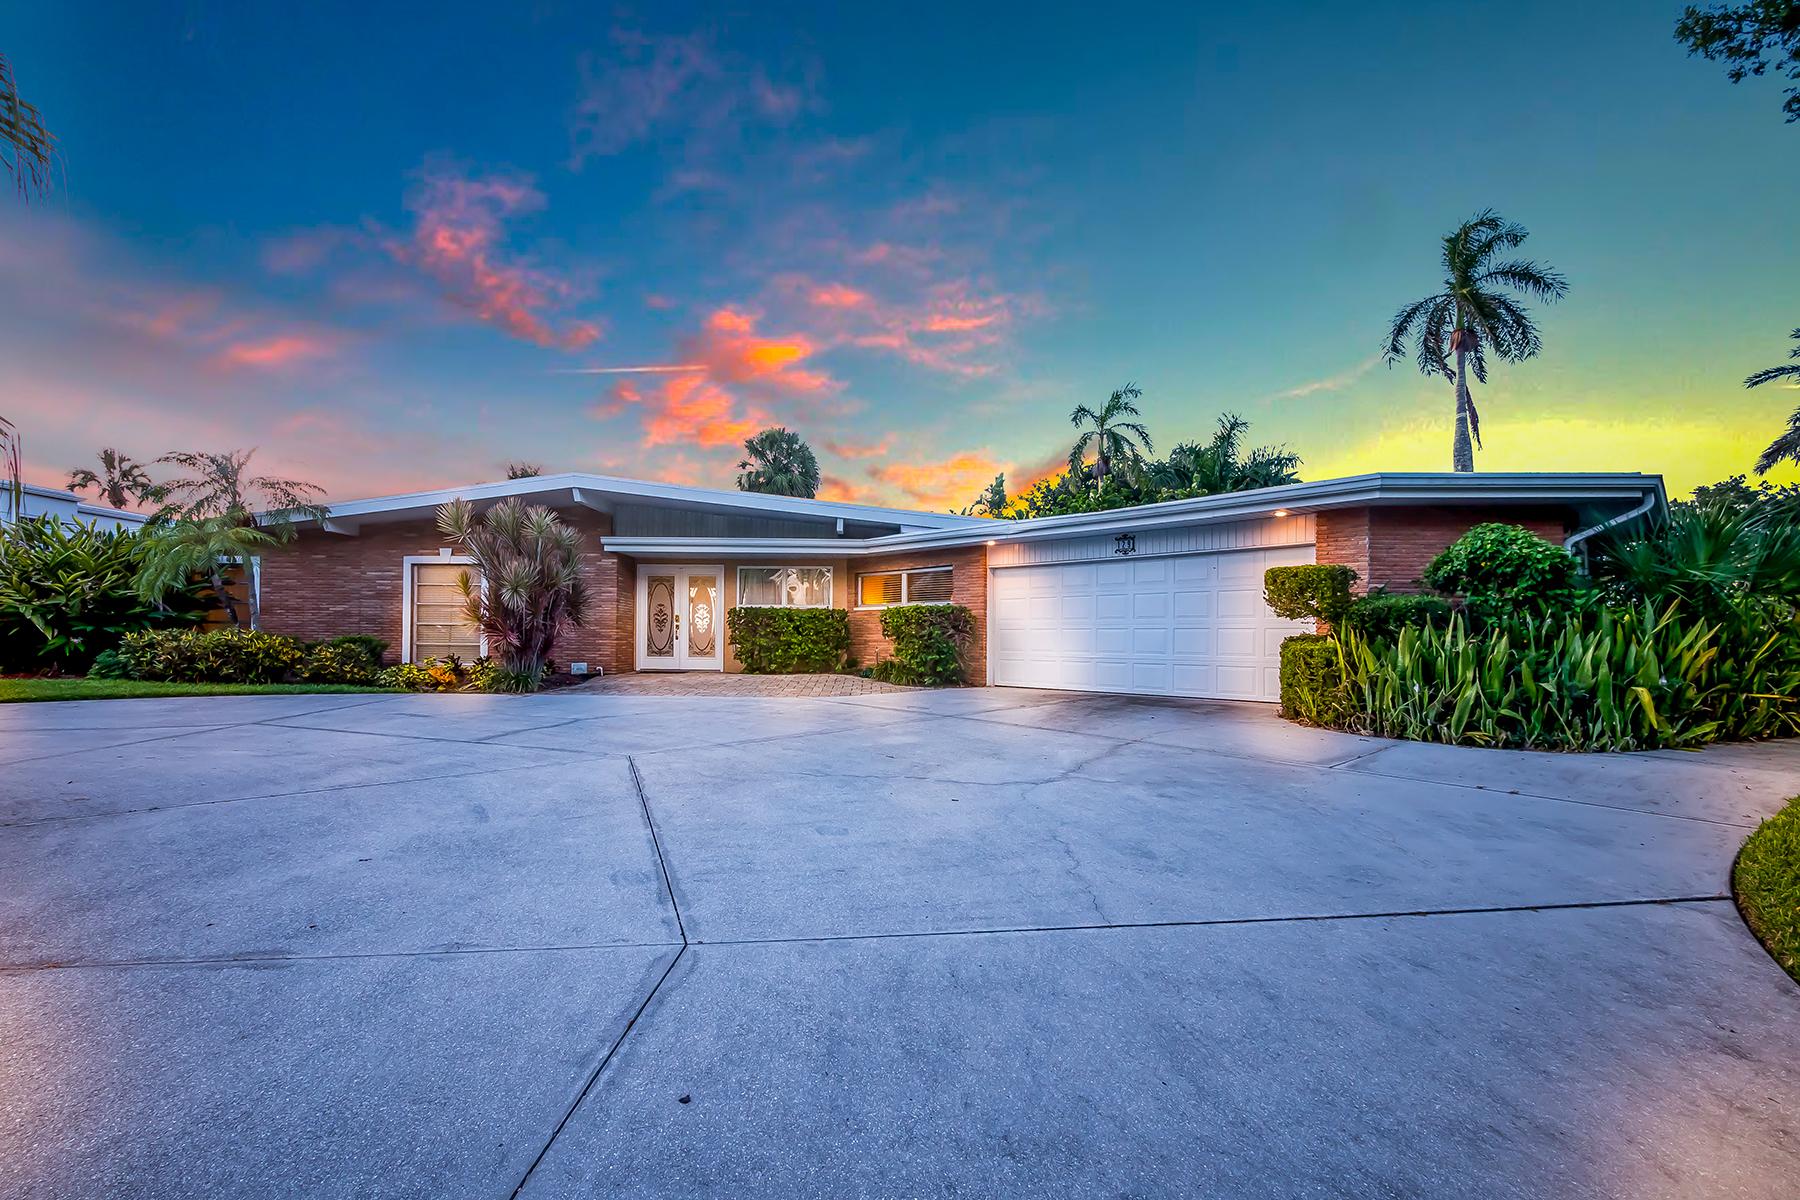 واحد منزل الأسرة للـ Sale في BIRD KEY 129 Seagull Ln, Bird Key, Sarasota, Florida, 34236 United States